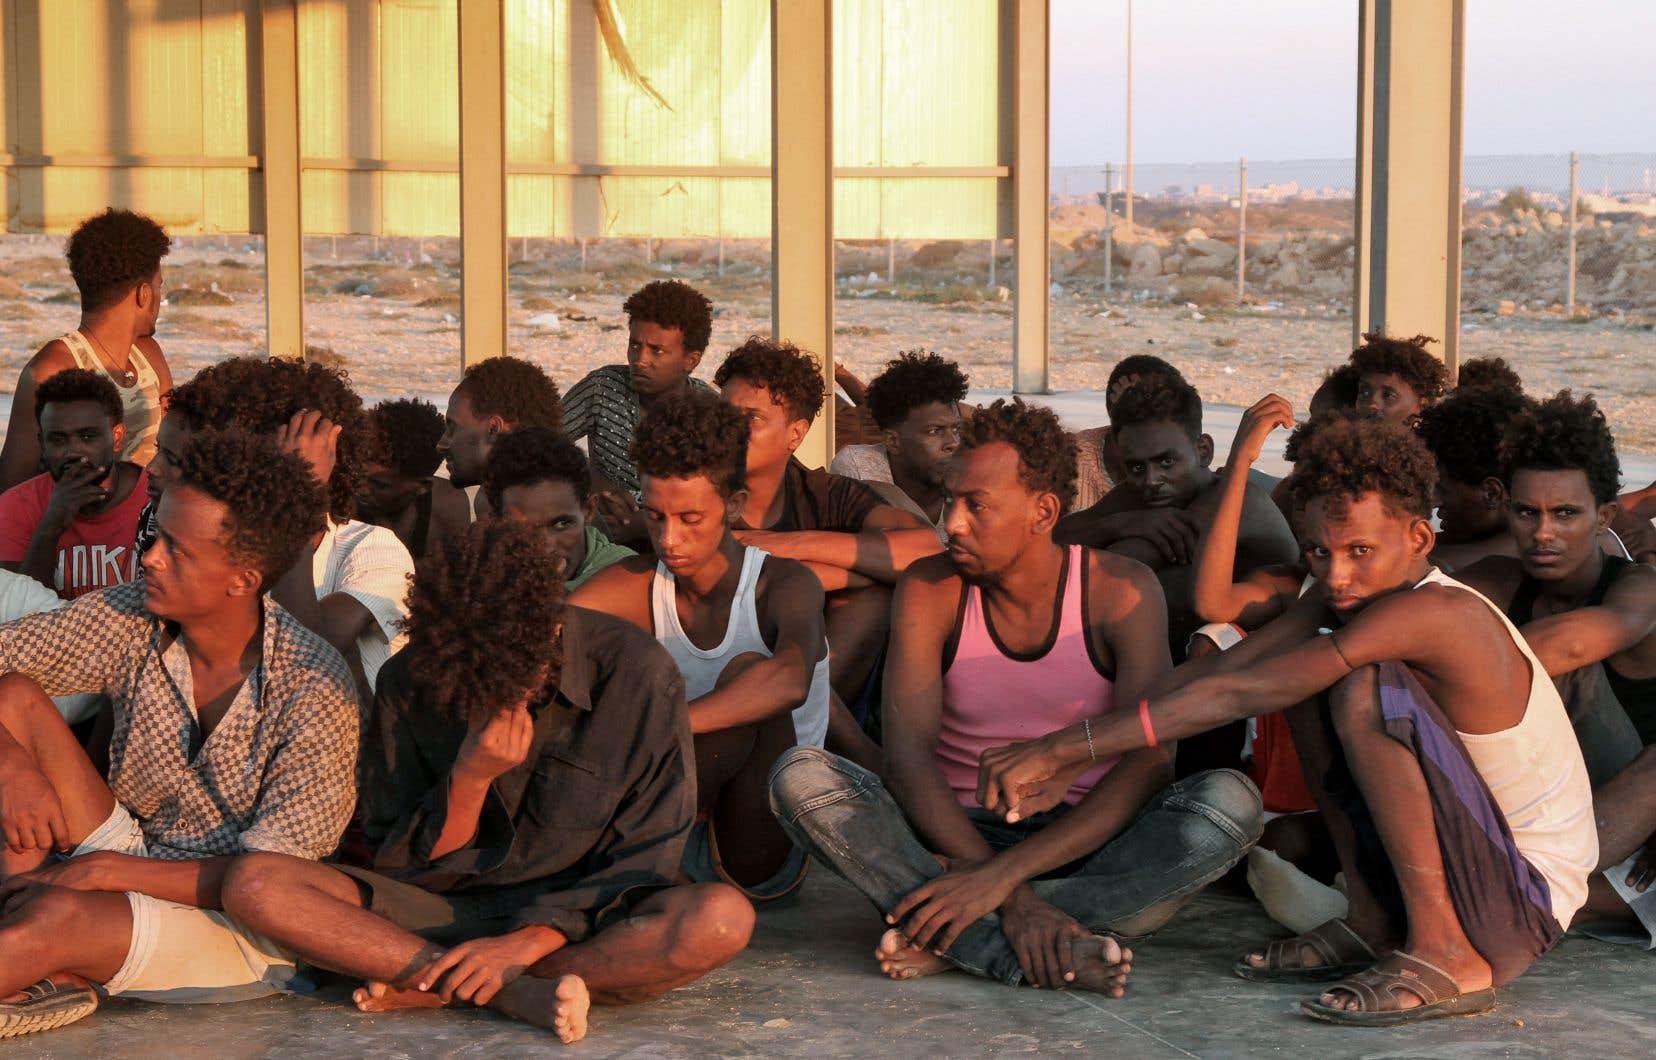 Le 26 juillet dernier, les migrants sauvés se trouvent sur la côte de Khoms, à une centaine de kilomètres de Tripoli, la capitale libyenne.